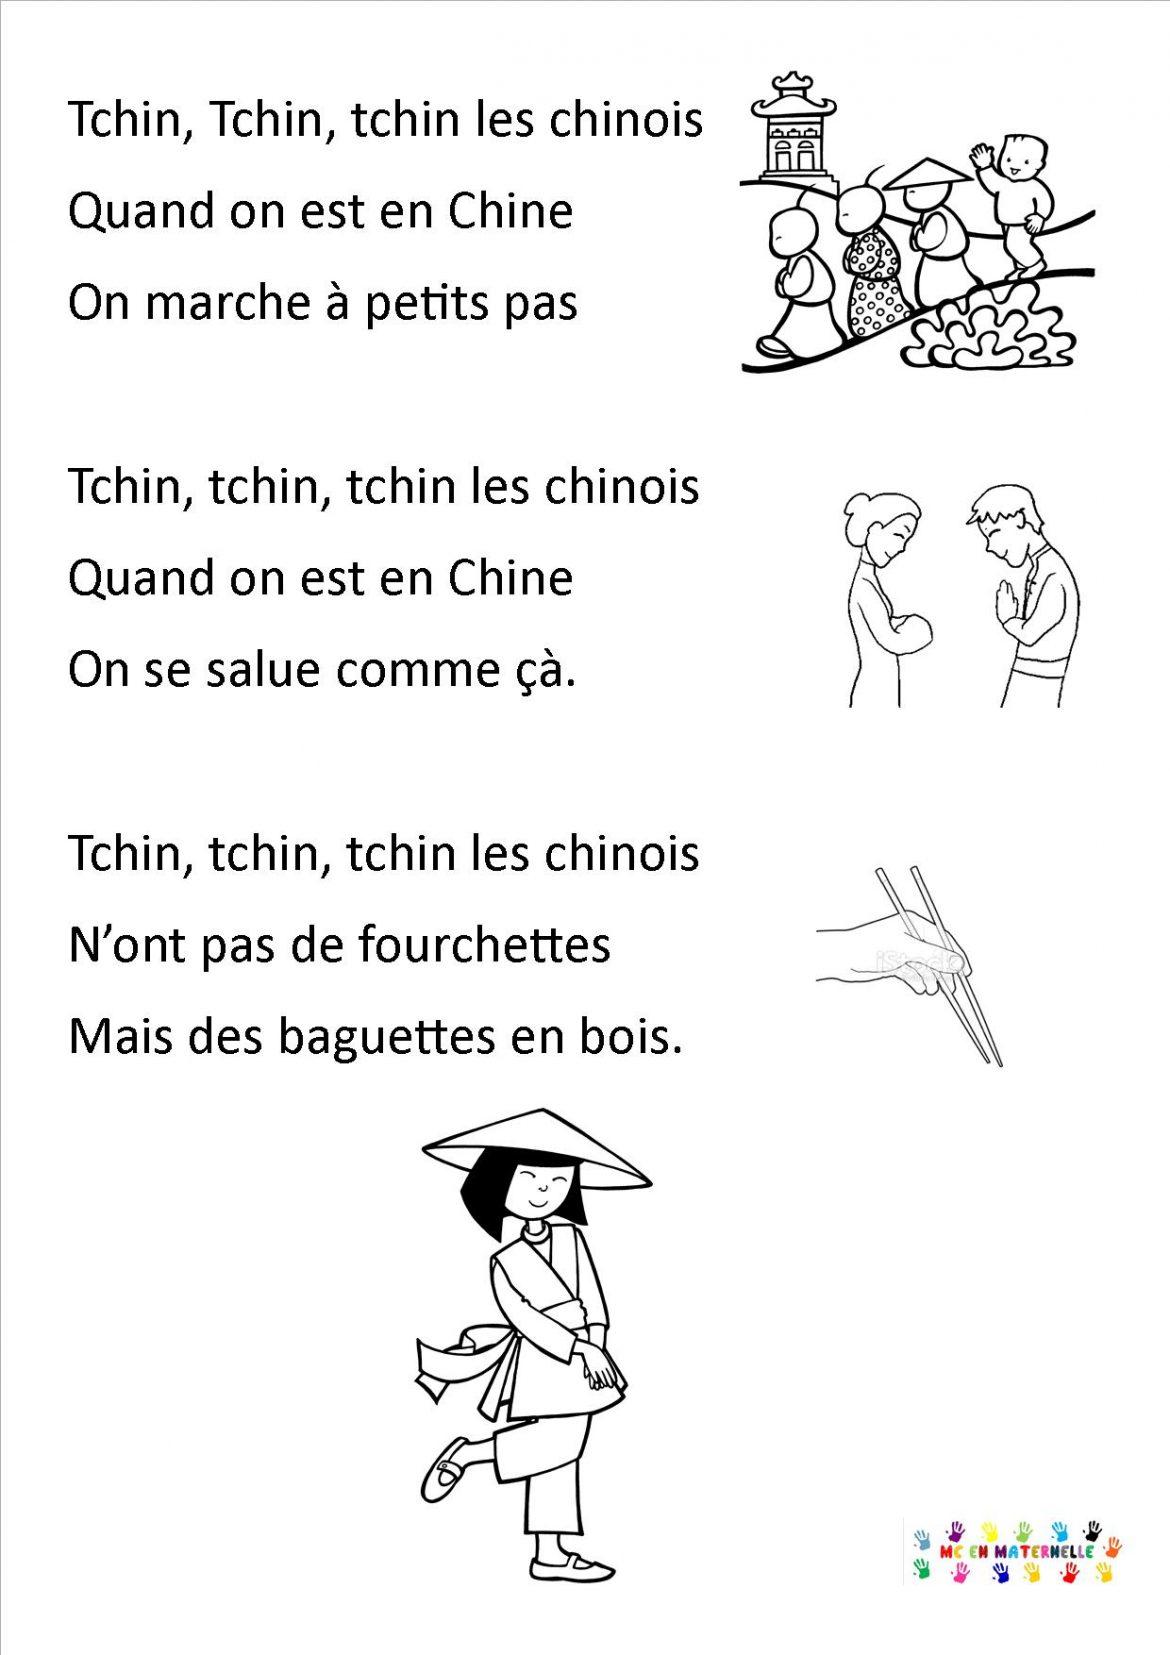 Chansons comptines page 5 mc en maternelle for Pas d cochon dans mon salon comptine